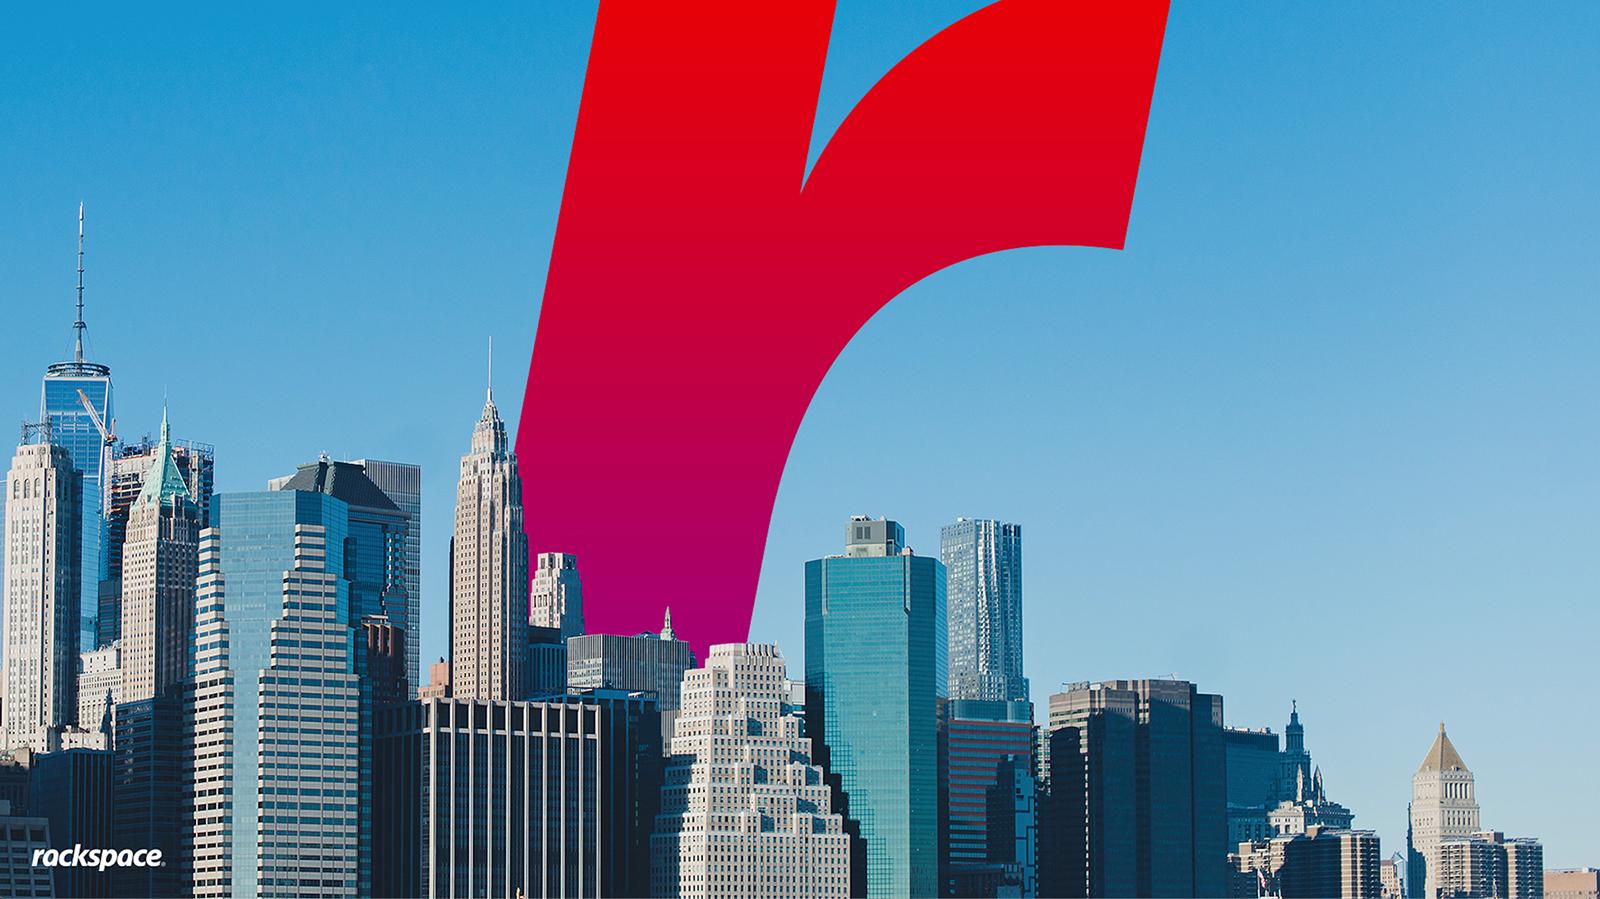 Rackspace 数字运用平台启用全新的品牌VI设计-深圳vi设计4